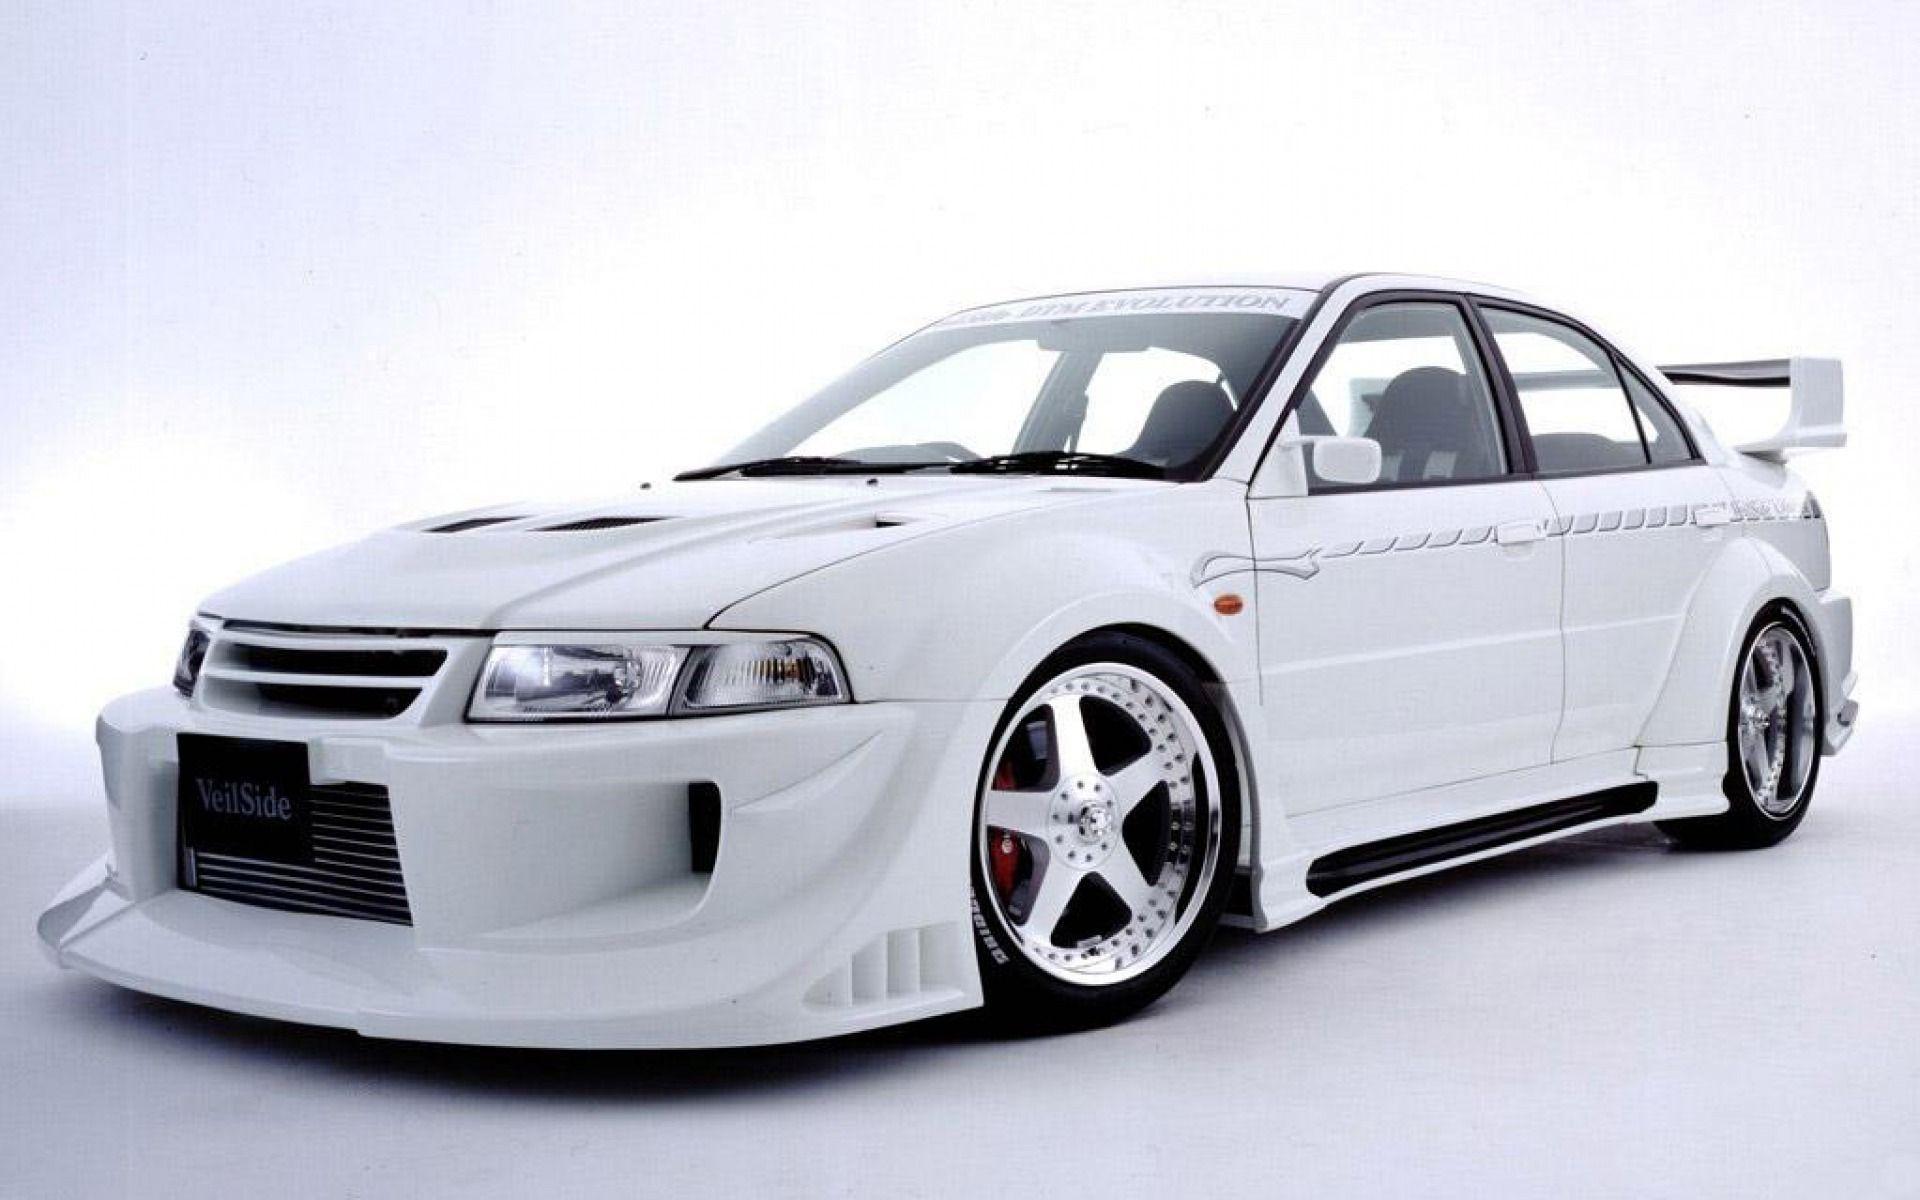 HD Wallpapers VeilSide Mitsubishi Lancer Evolution VI : Car .